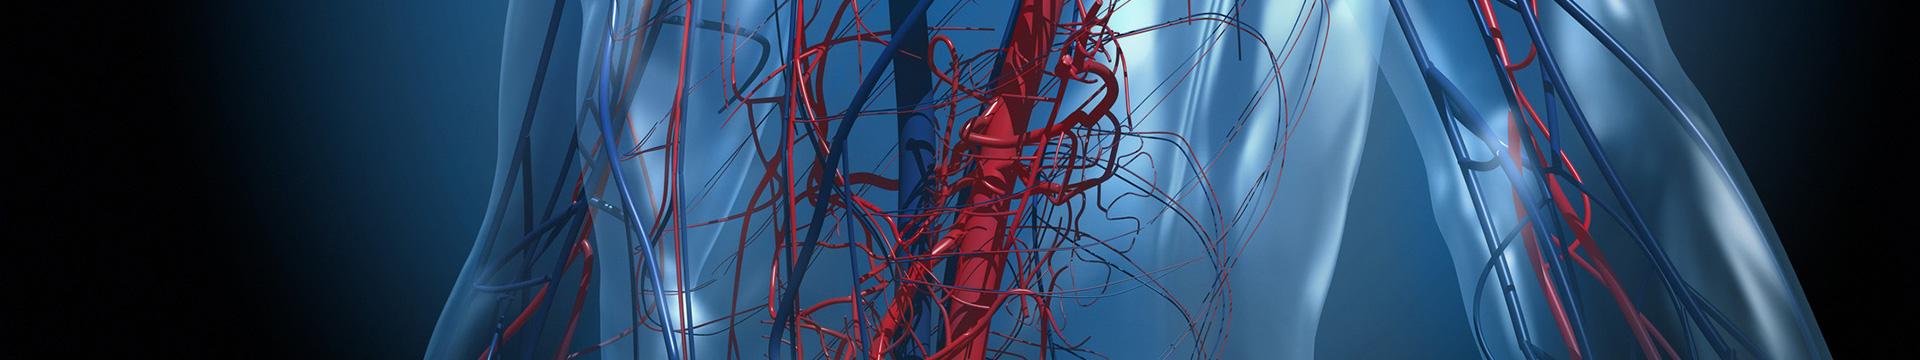 血管外科 ヒーローイメージ